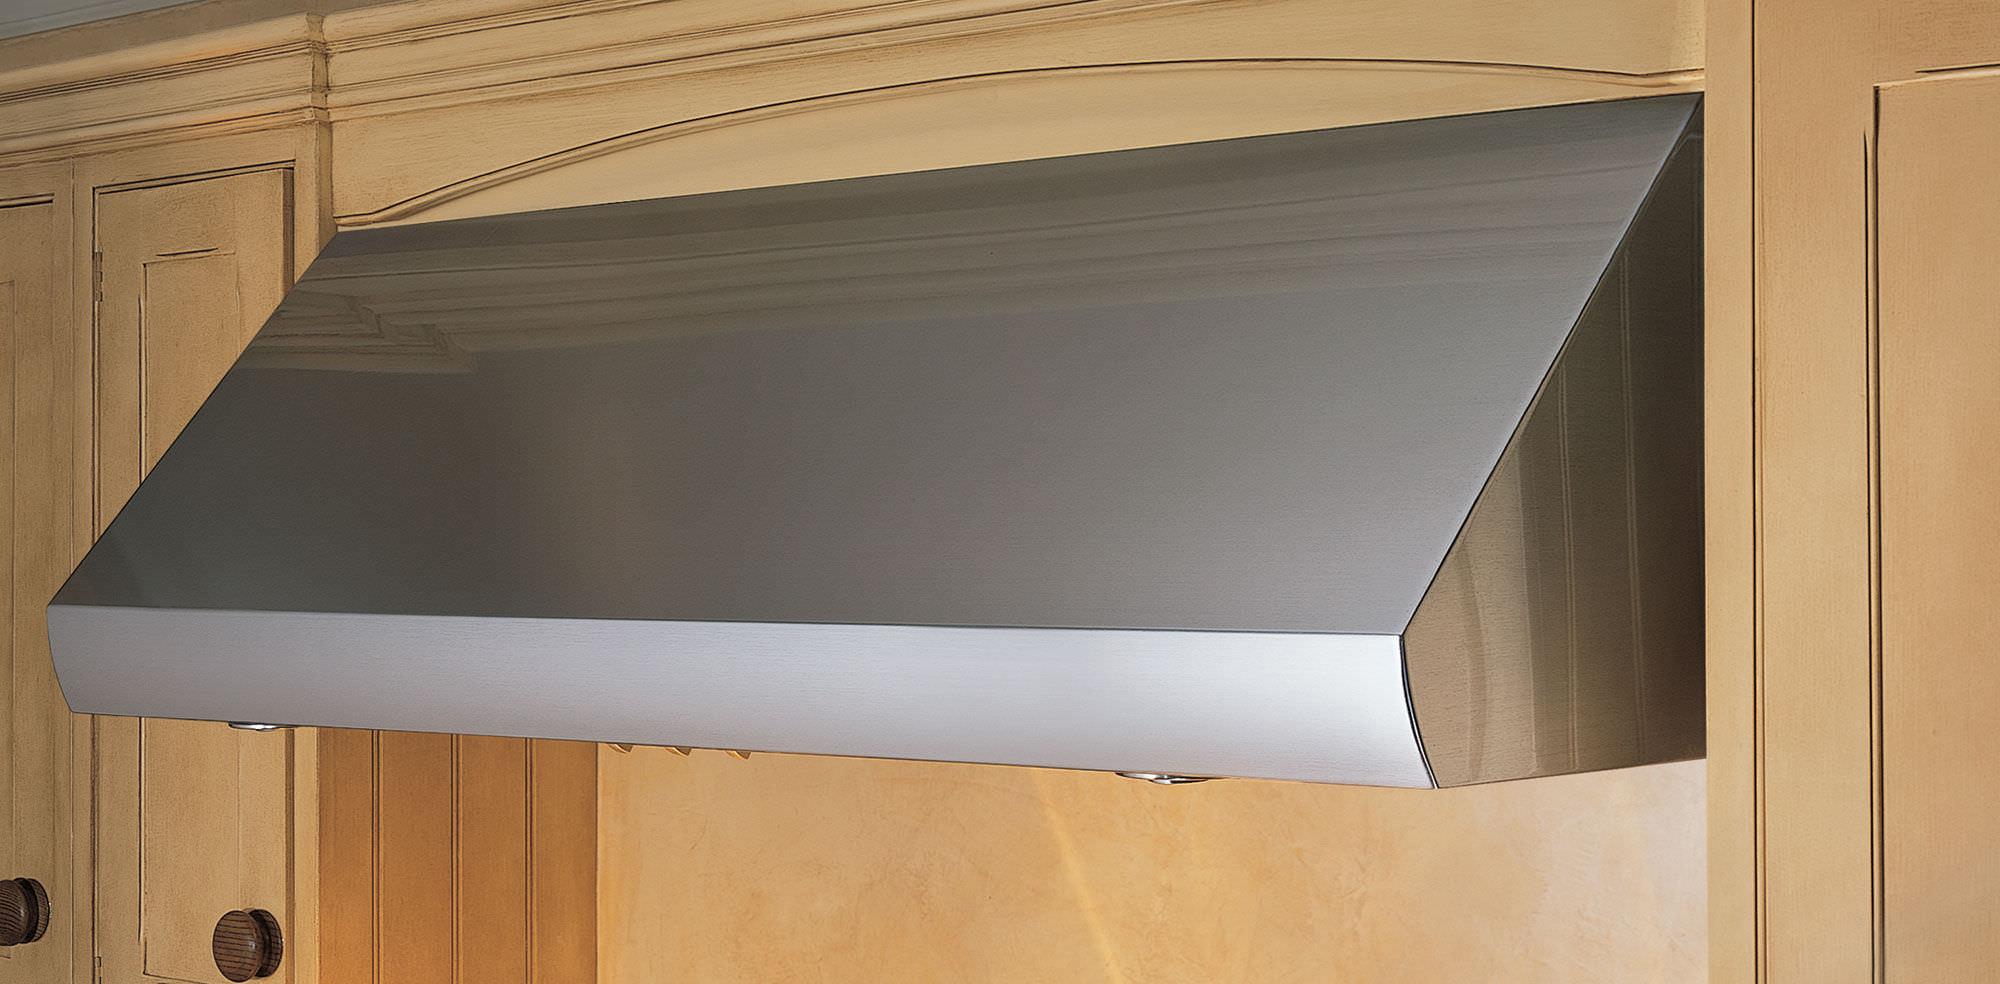 hotte de cuisine murale / avec éclairage intégré - pro - sub-zero - Hotte De Cuisine Professionnelle